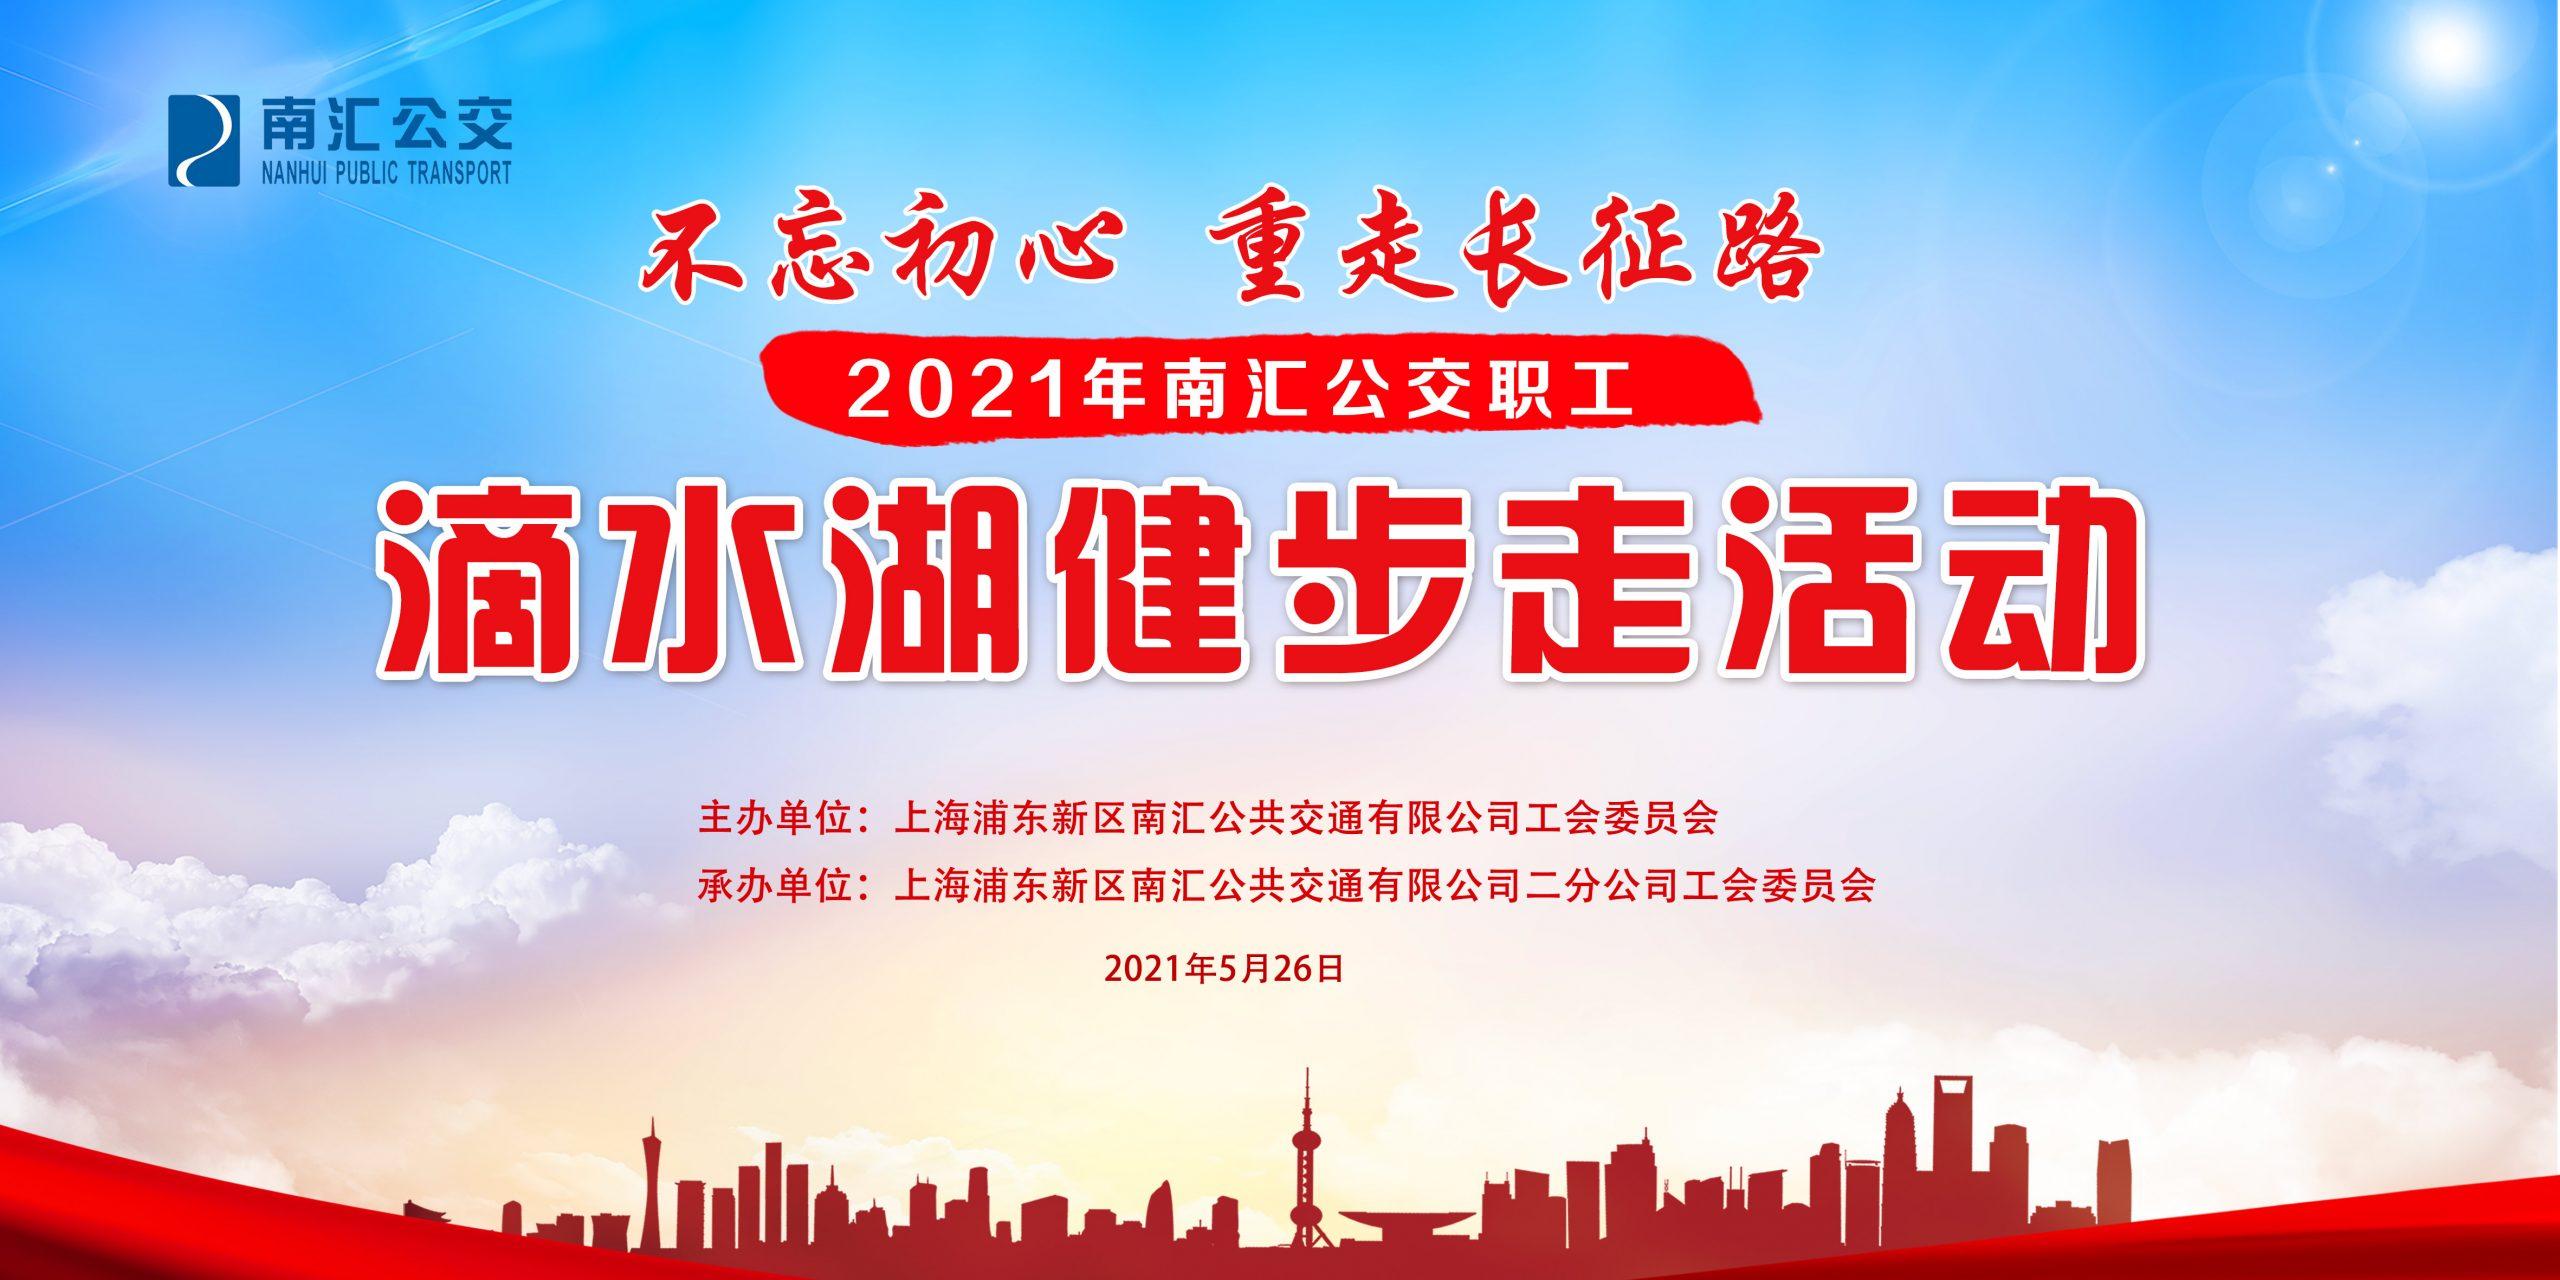 """""""不忘初心 重走长征路""""2021年南汇公交滴水湖职工健步走活动"""